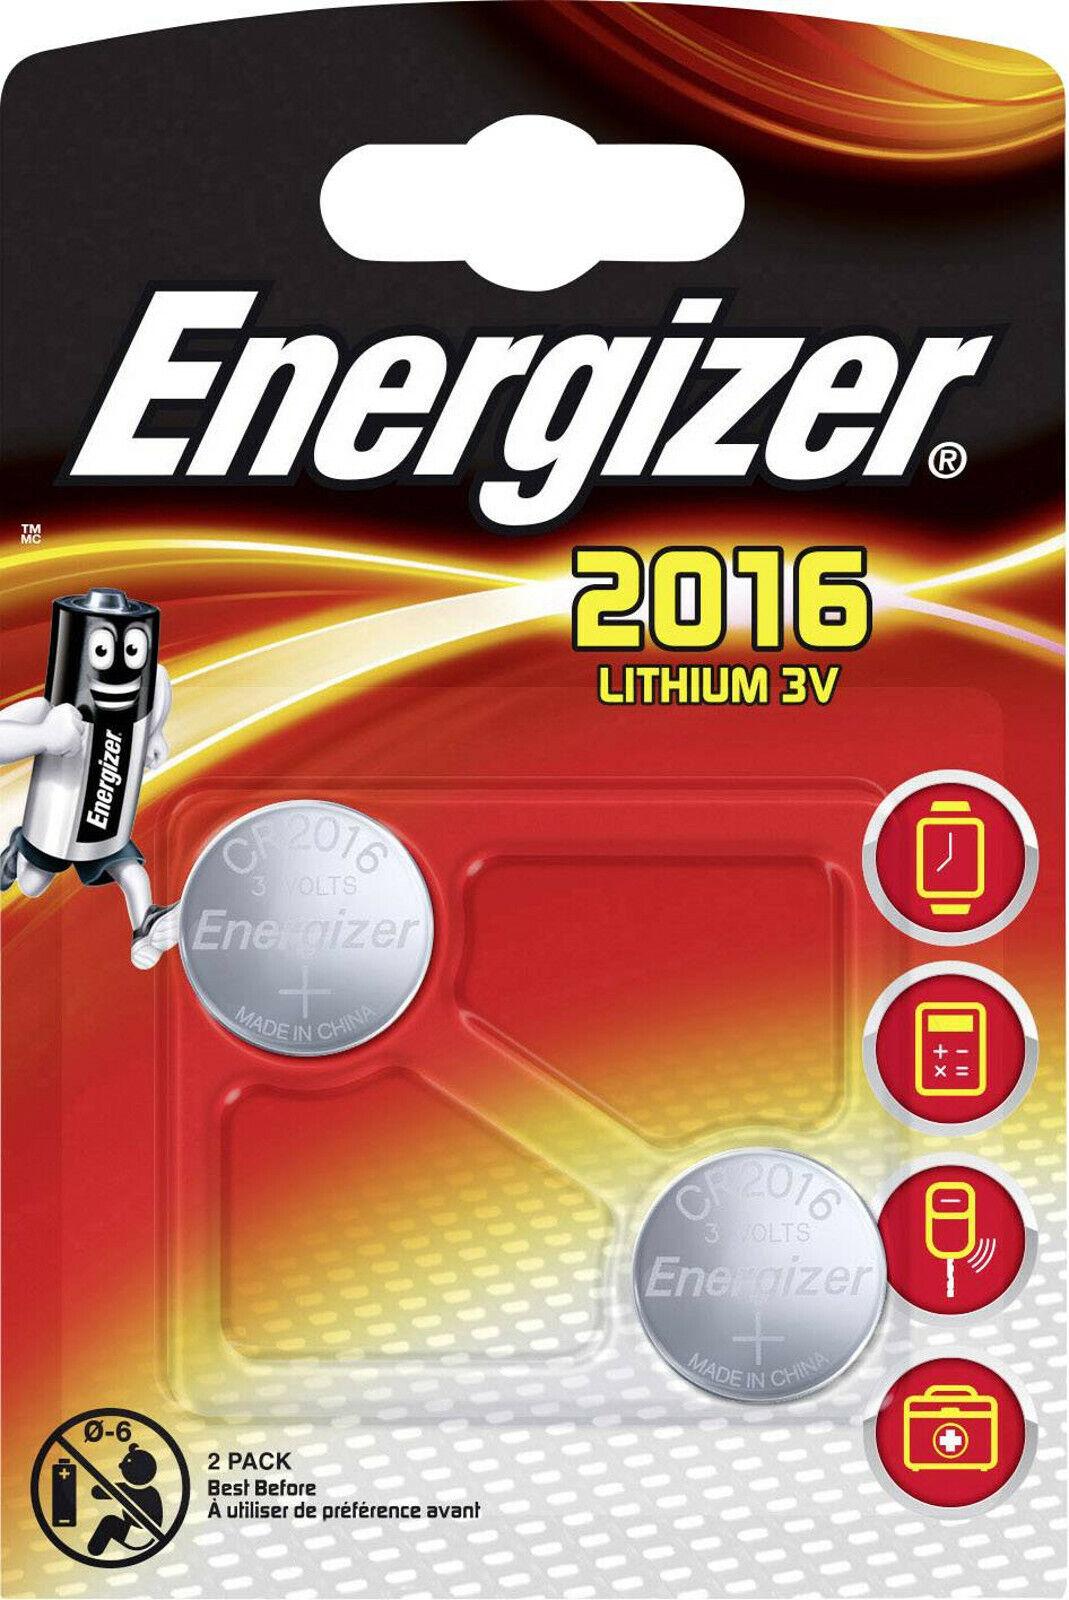 5x2er Blister CR2016 IEC C Knopfzelle ECR20162 10x Energizer  Lithium 3V Zelle